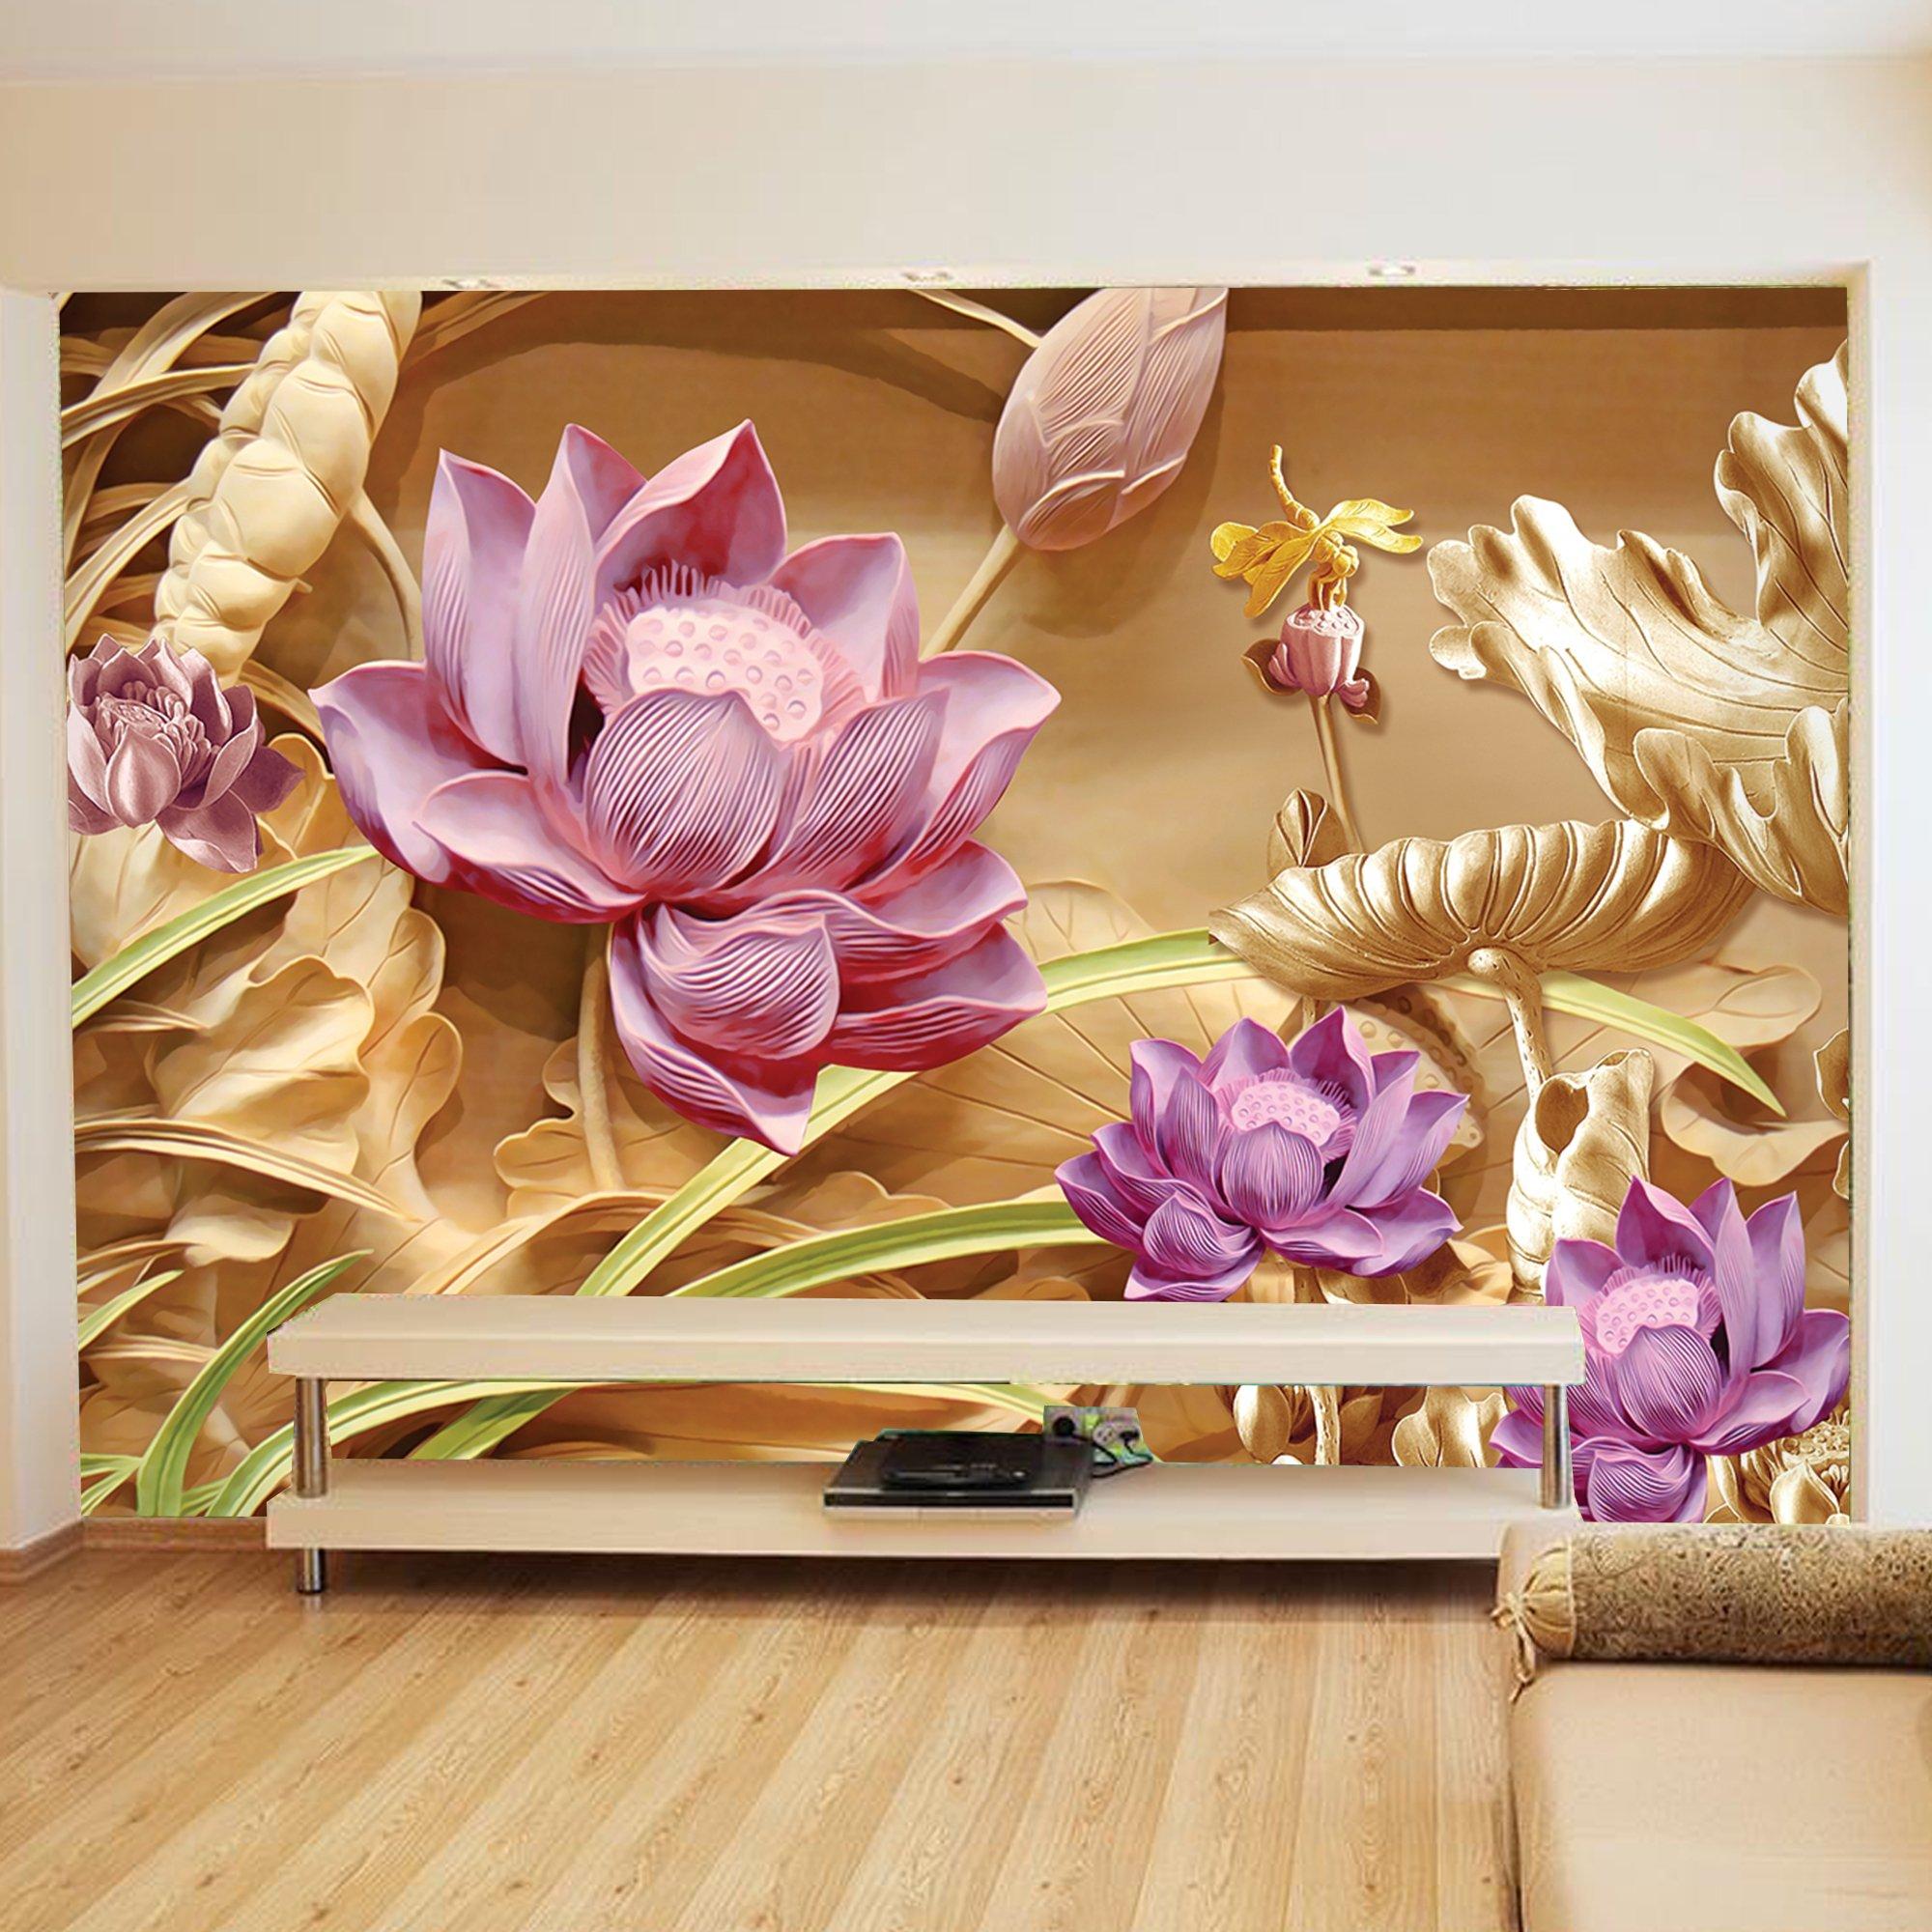 Tranh dán tường hoa sen 3D